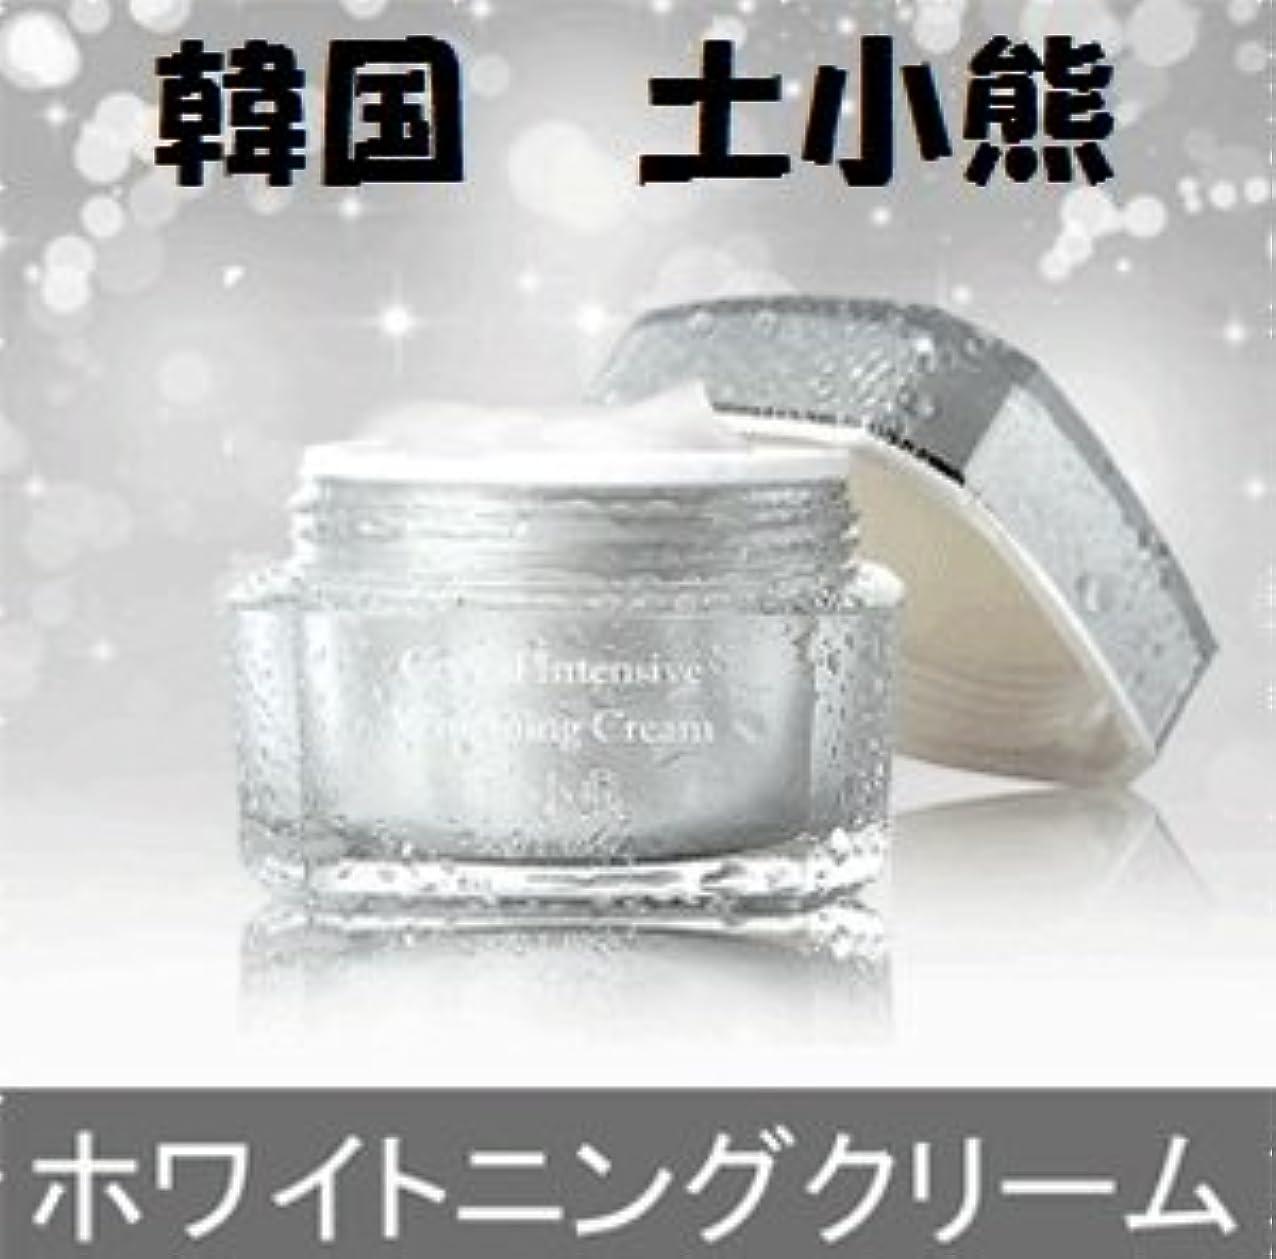 食べる同化ジュース韓国 土小熊 (ドソウン) ホワイトニング クリーム 50g